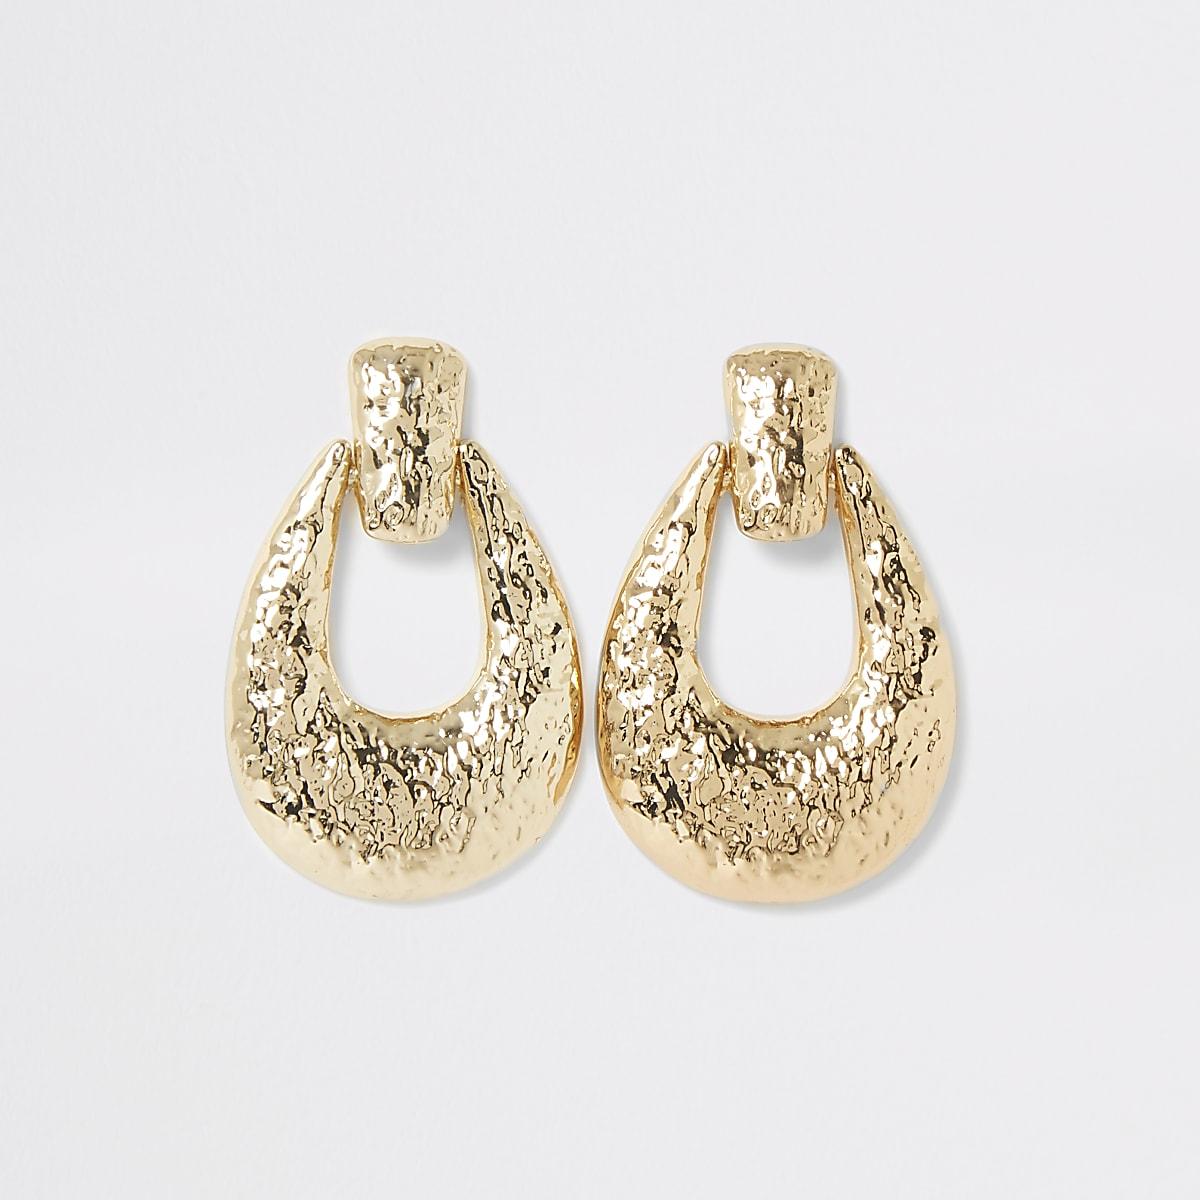 Gold color textured doorknocker earrings